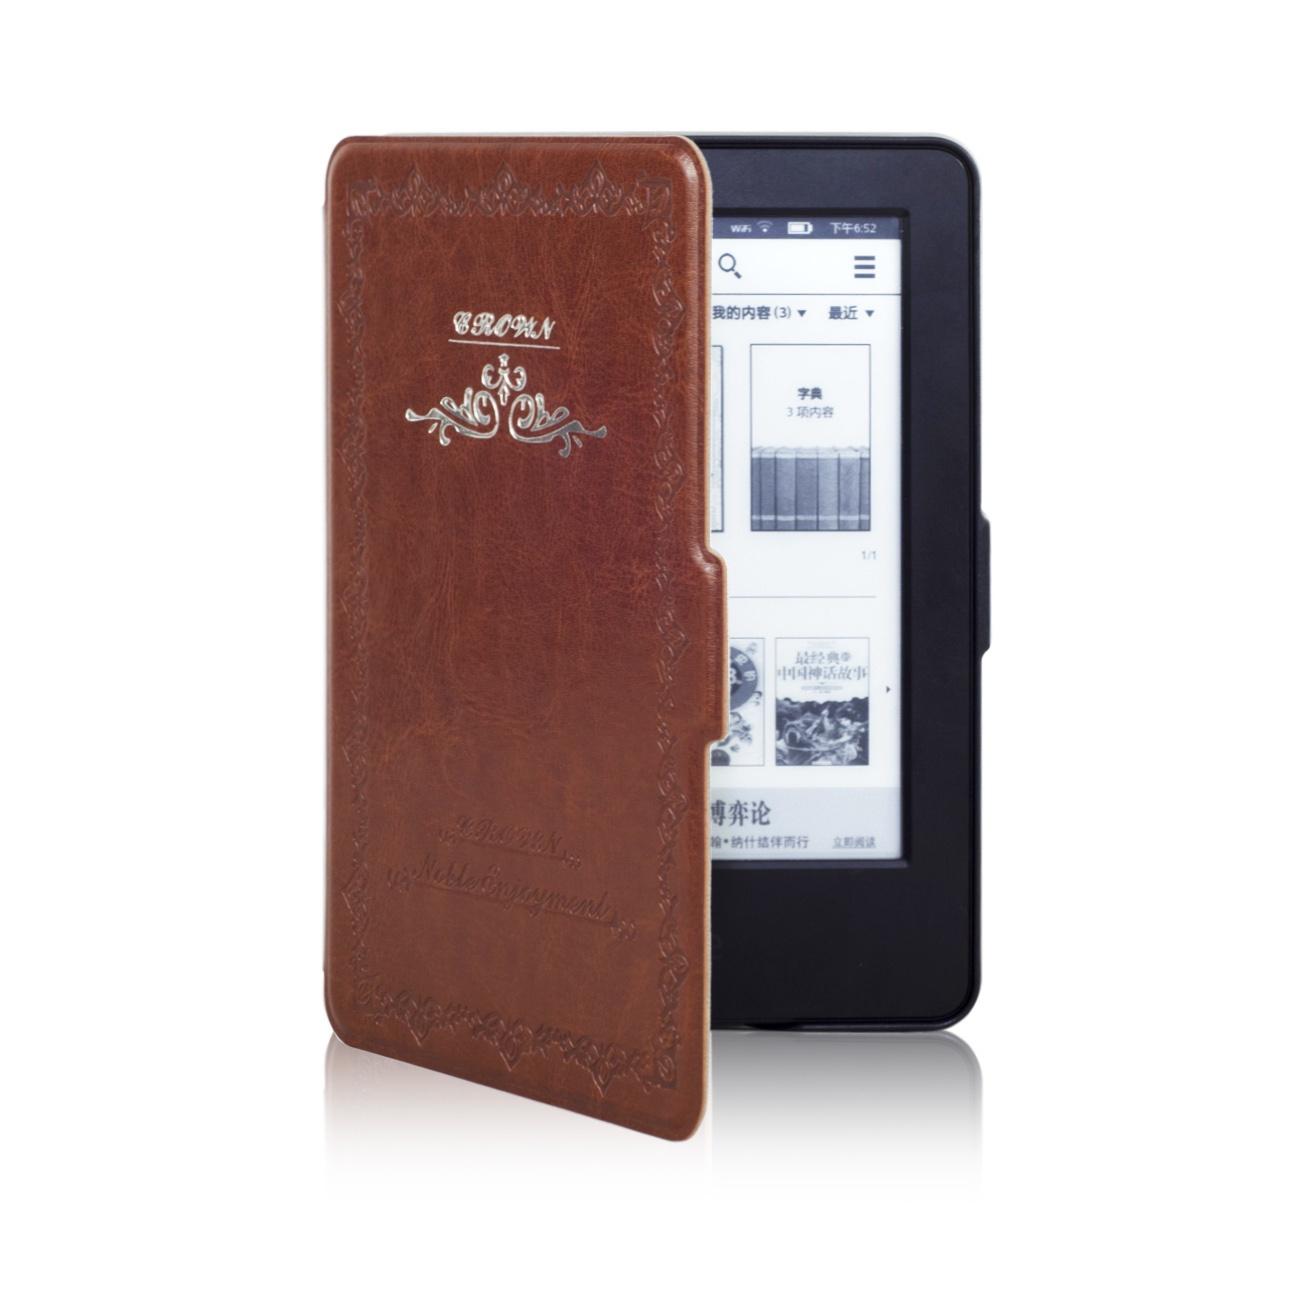 Чехол-обложка GoodChoice Vintage для Amazon Kindle 8 (коричневый) кейс для назначение amazon kindle fire hd 8 7th generation 2017 release бумажник для карт кошелек со стендом с узором авто режим сна